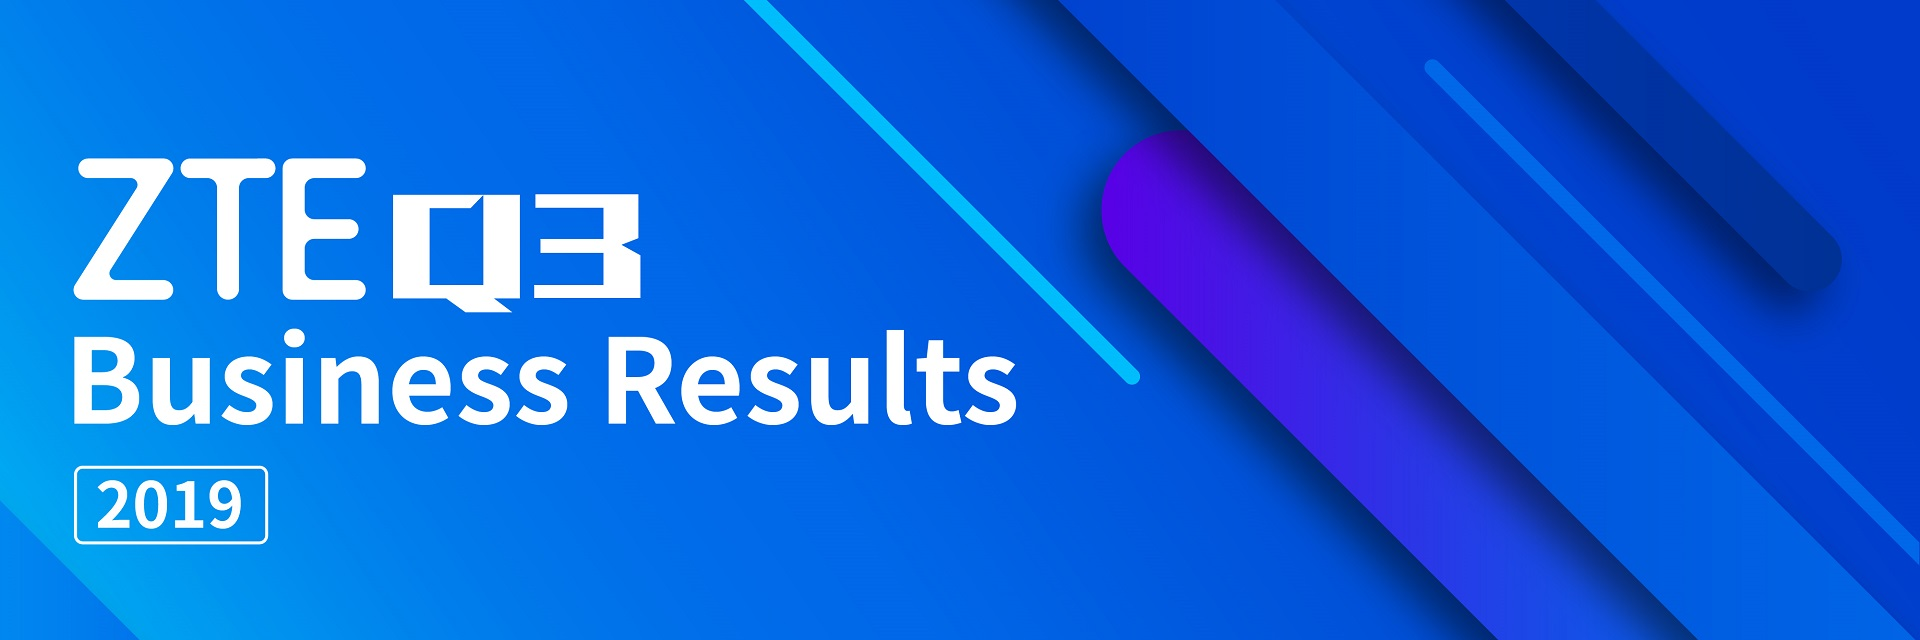 美高梅手机版登录485 Q3 Business Results